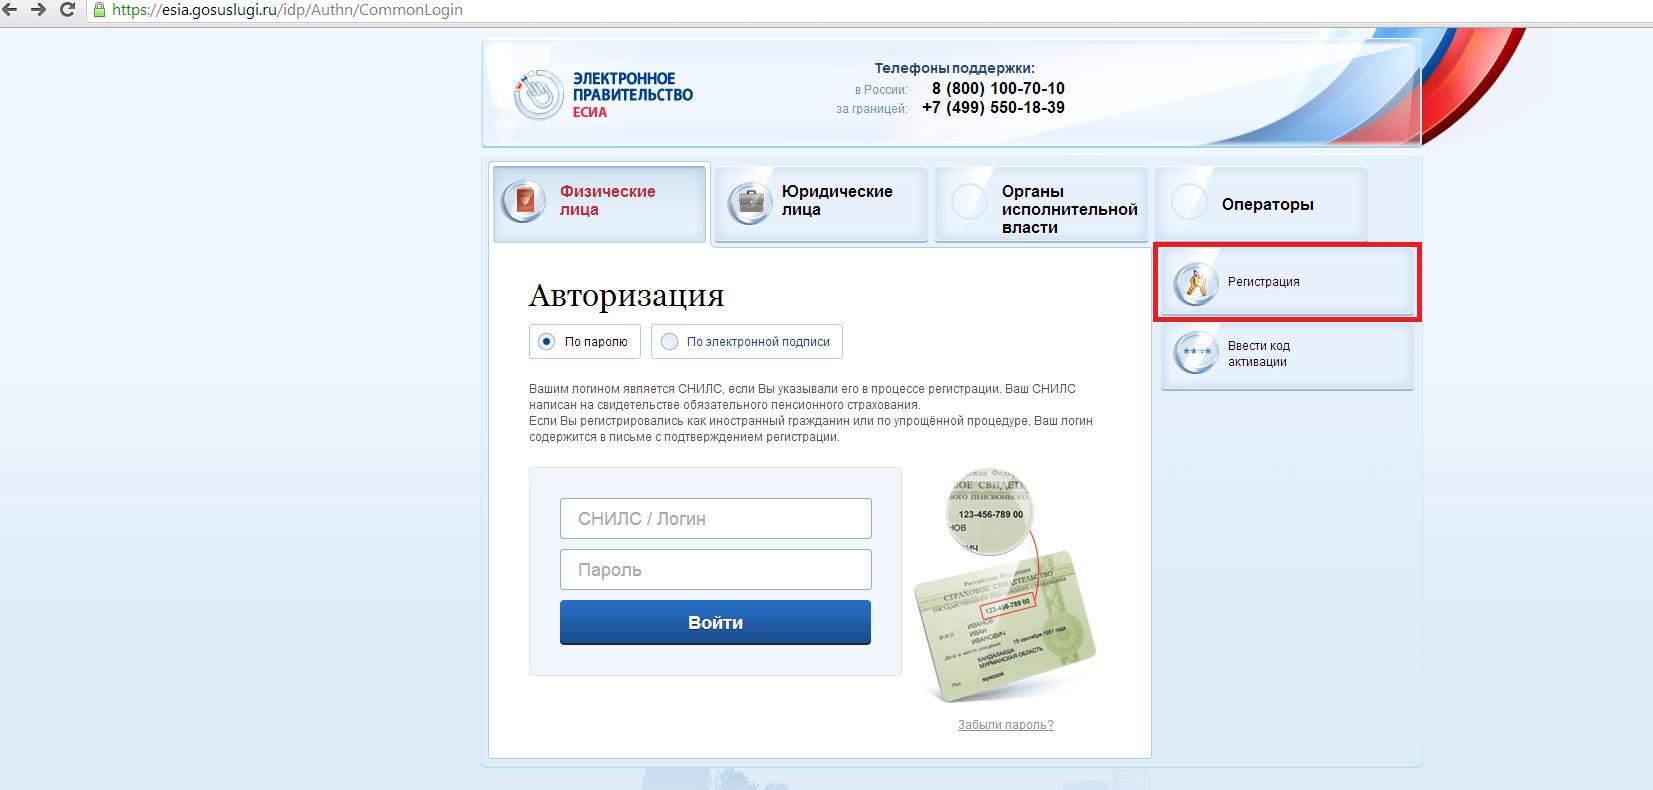 Как найти в пенсионном фонде свой личный кабинет корзина потребительская в челябинской области